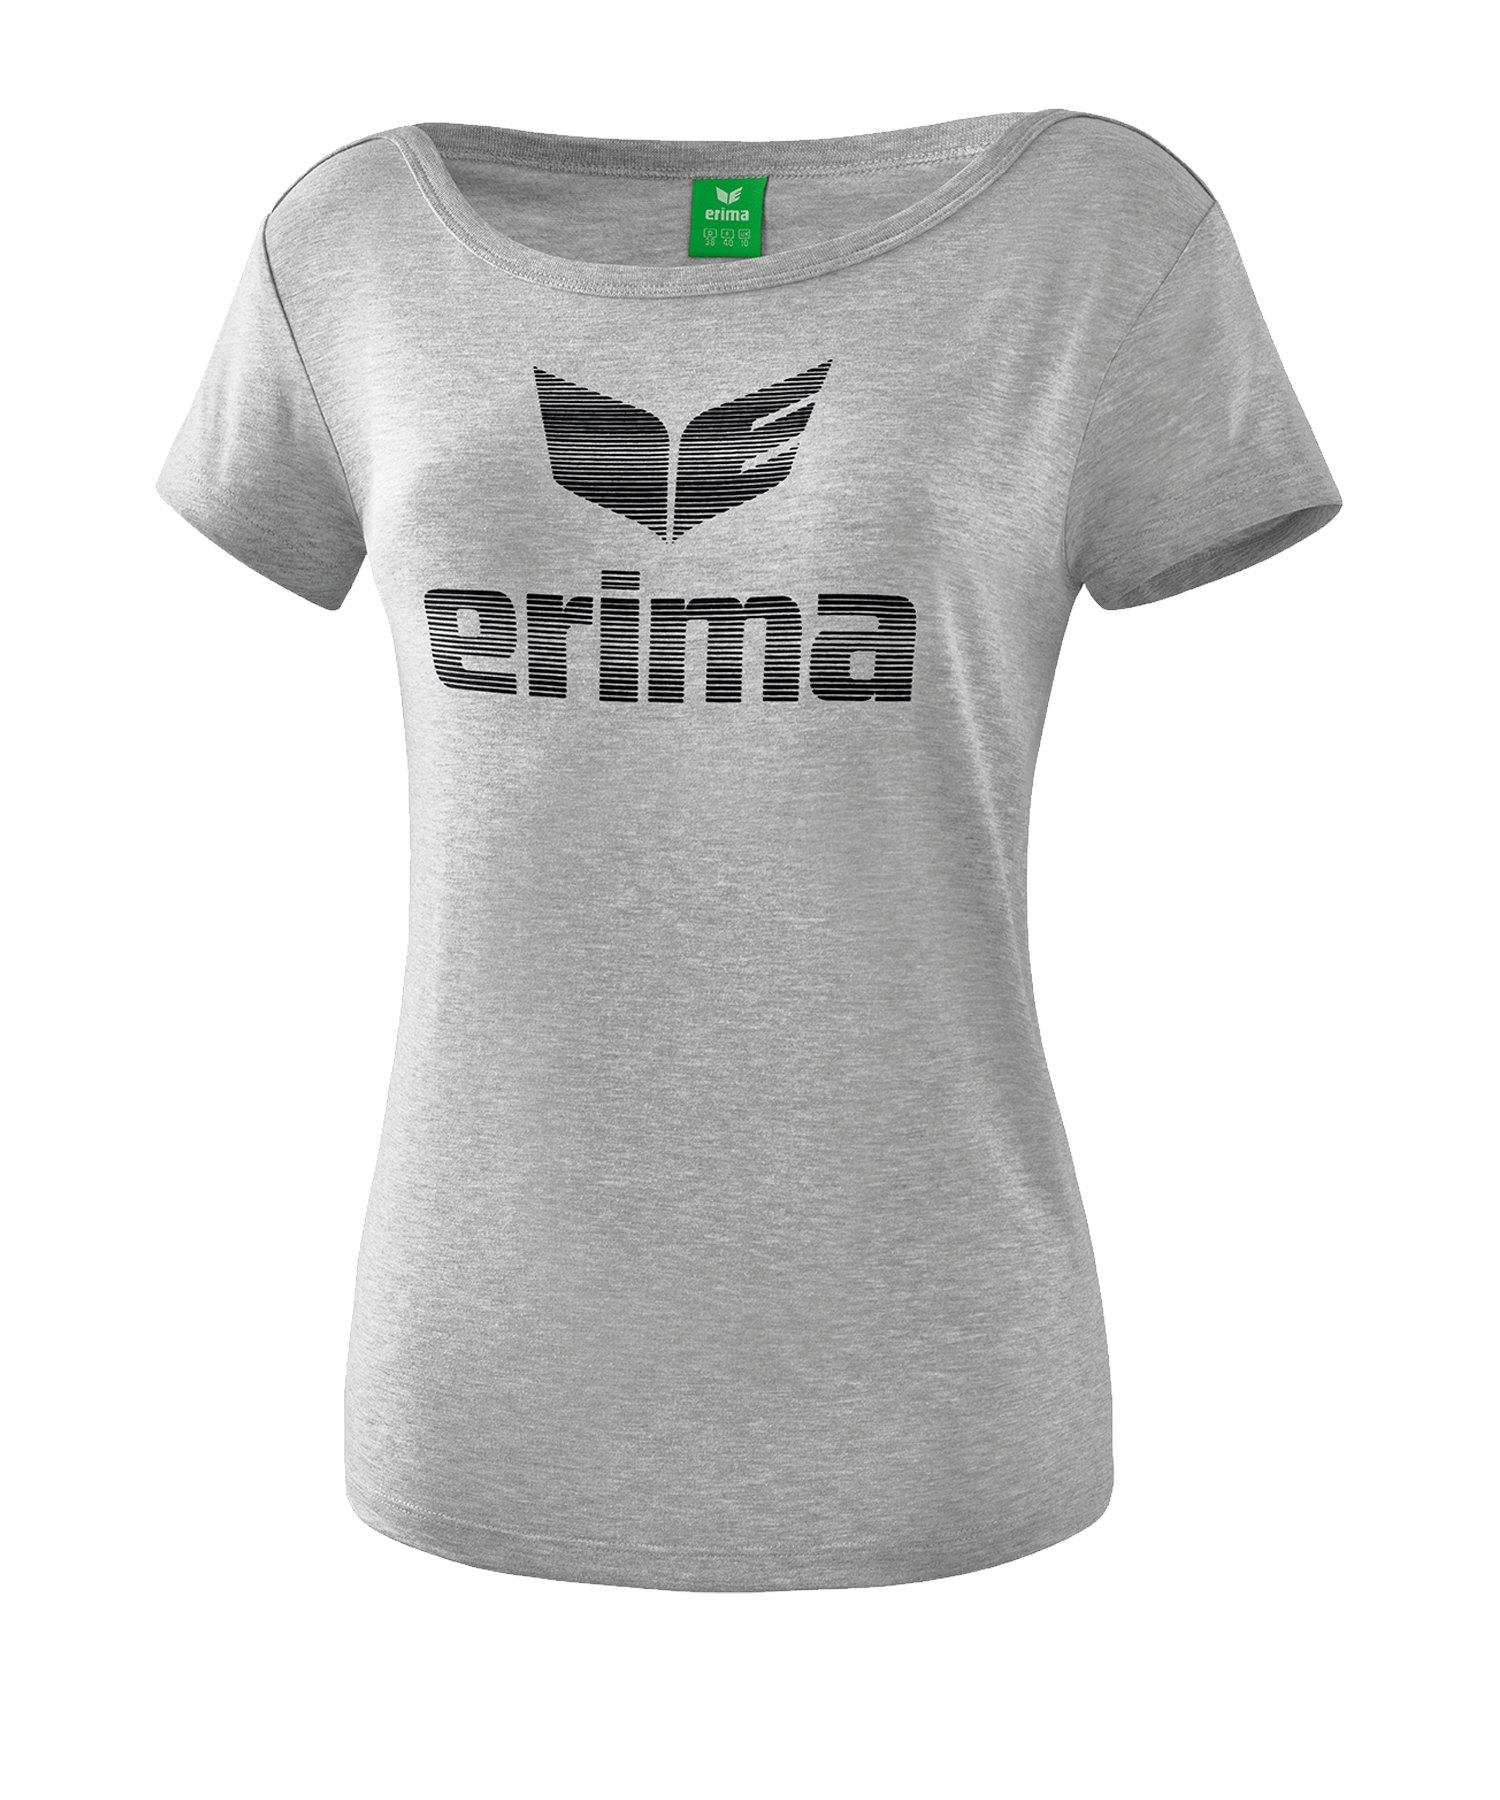 Erima Essential T-Shirt Damen Grau Schwarz - Grau